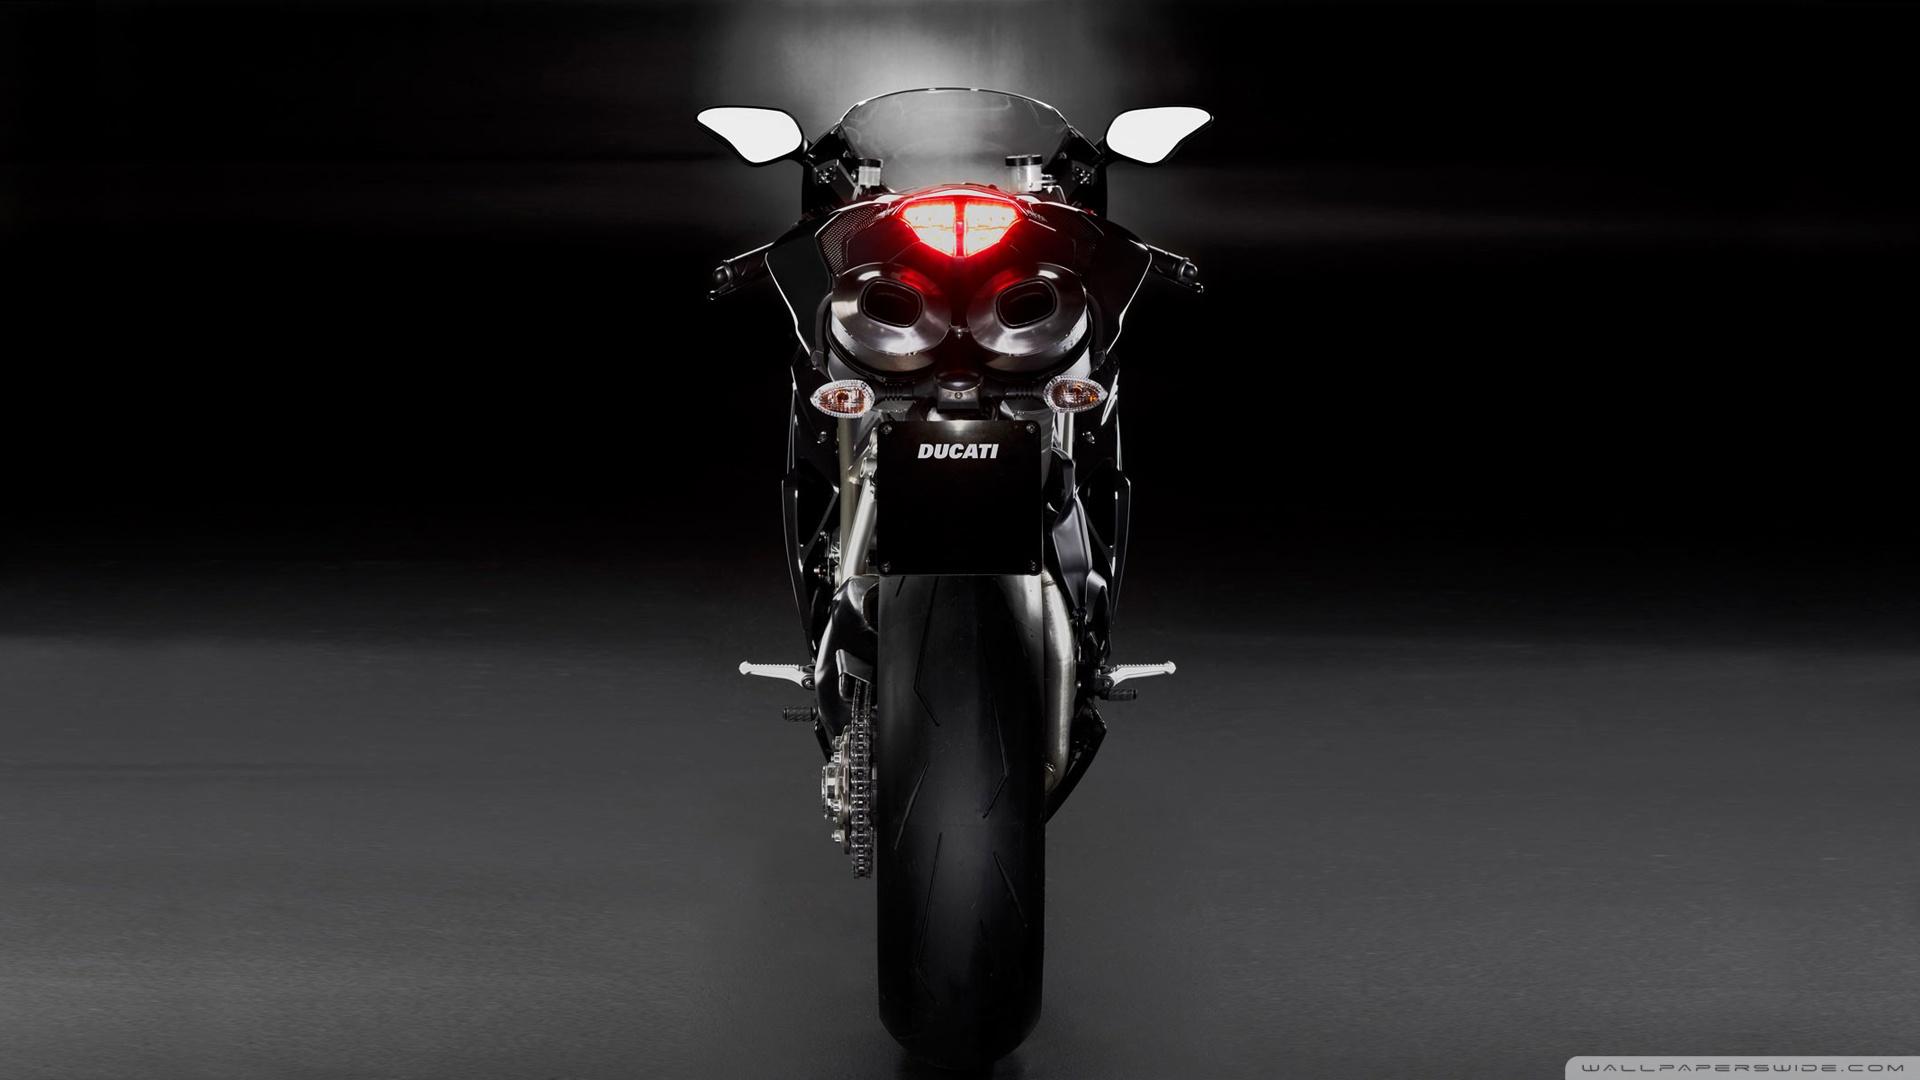 Ducati 1198 Hd Wallpaper Super Bike Full Hd 2115868